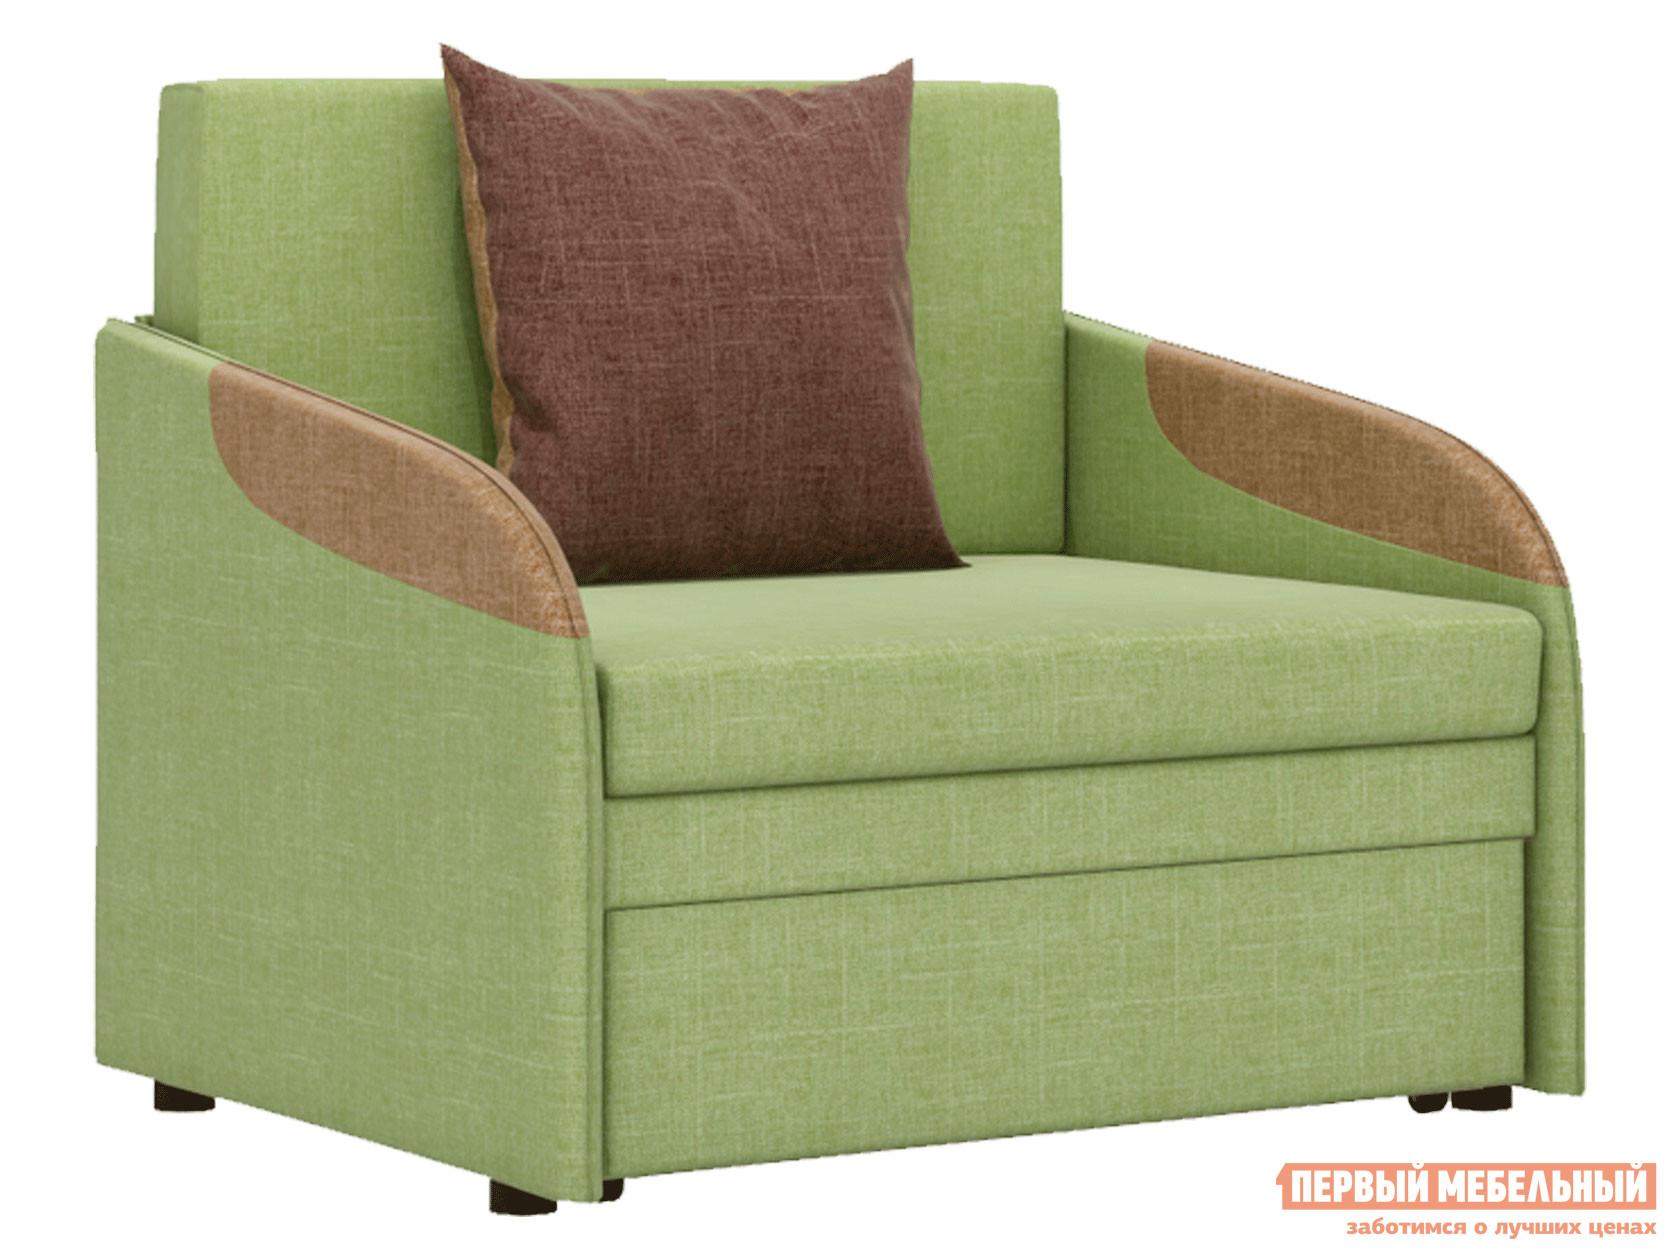 Кресло  Кресло-кровать Громит Яблочно-зеленый, велюр